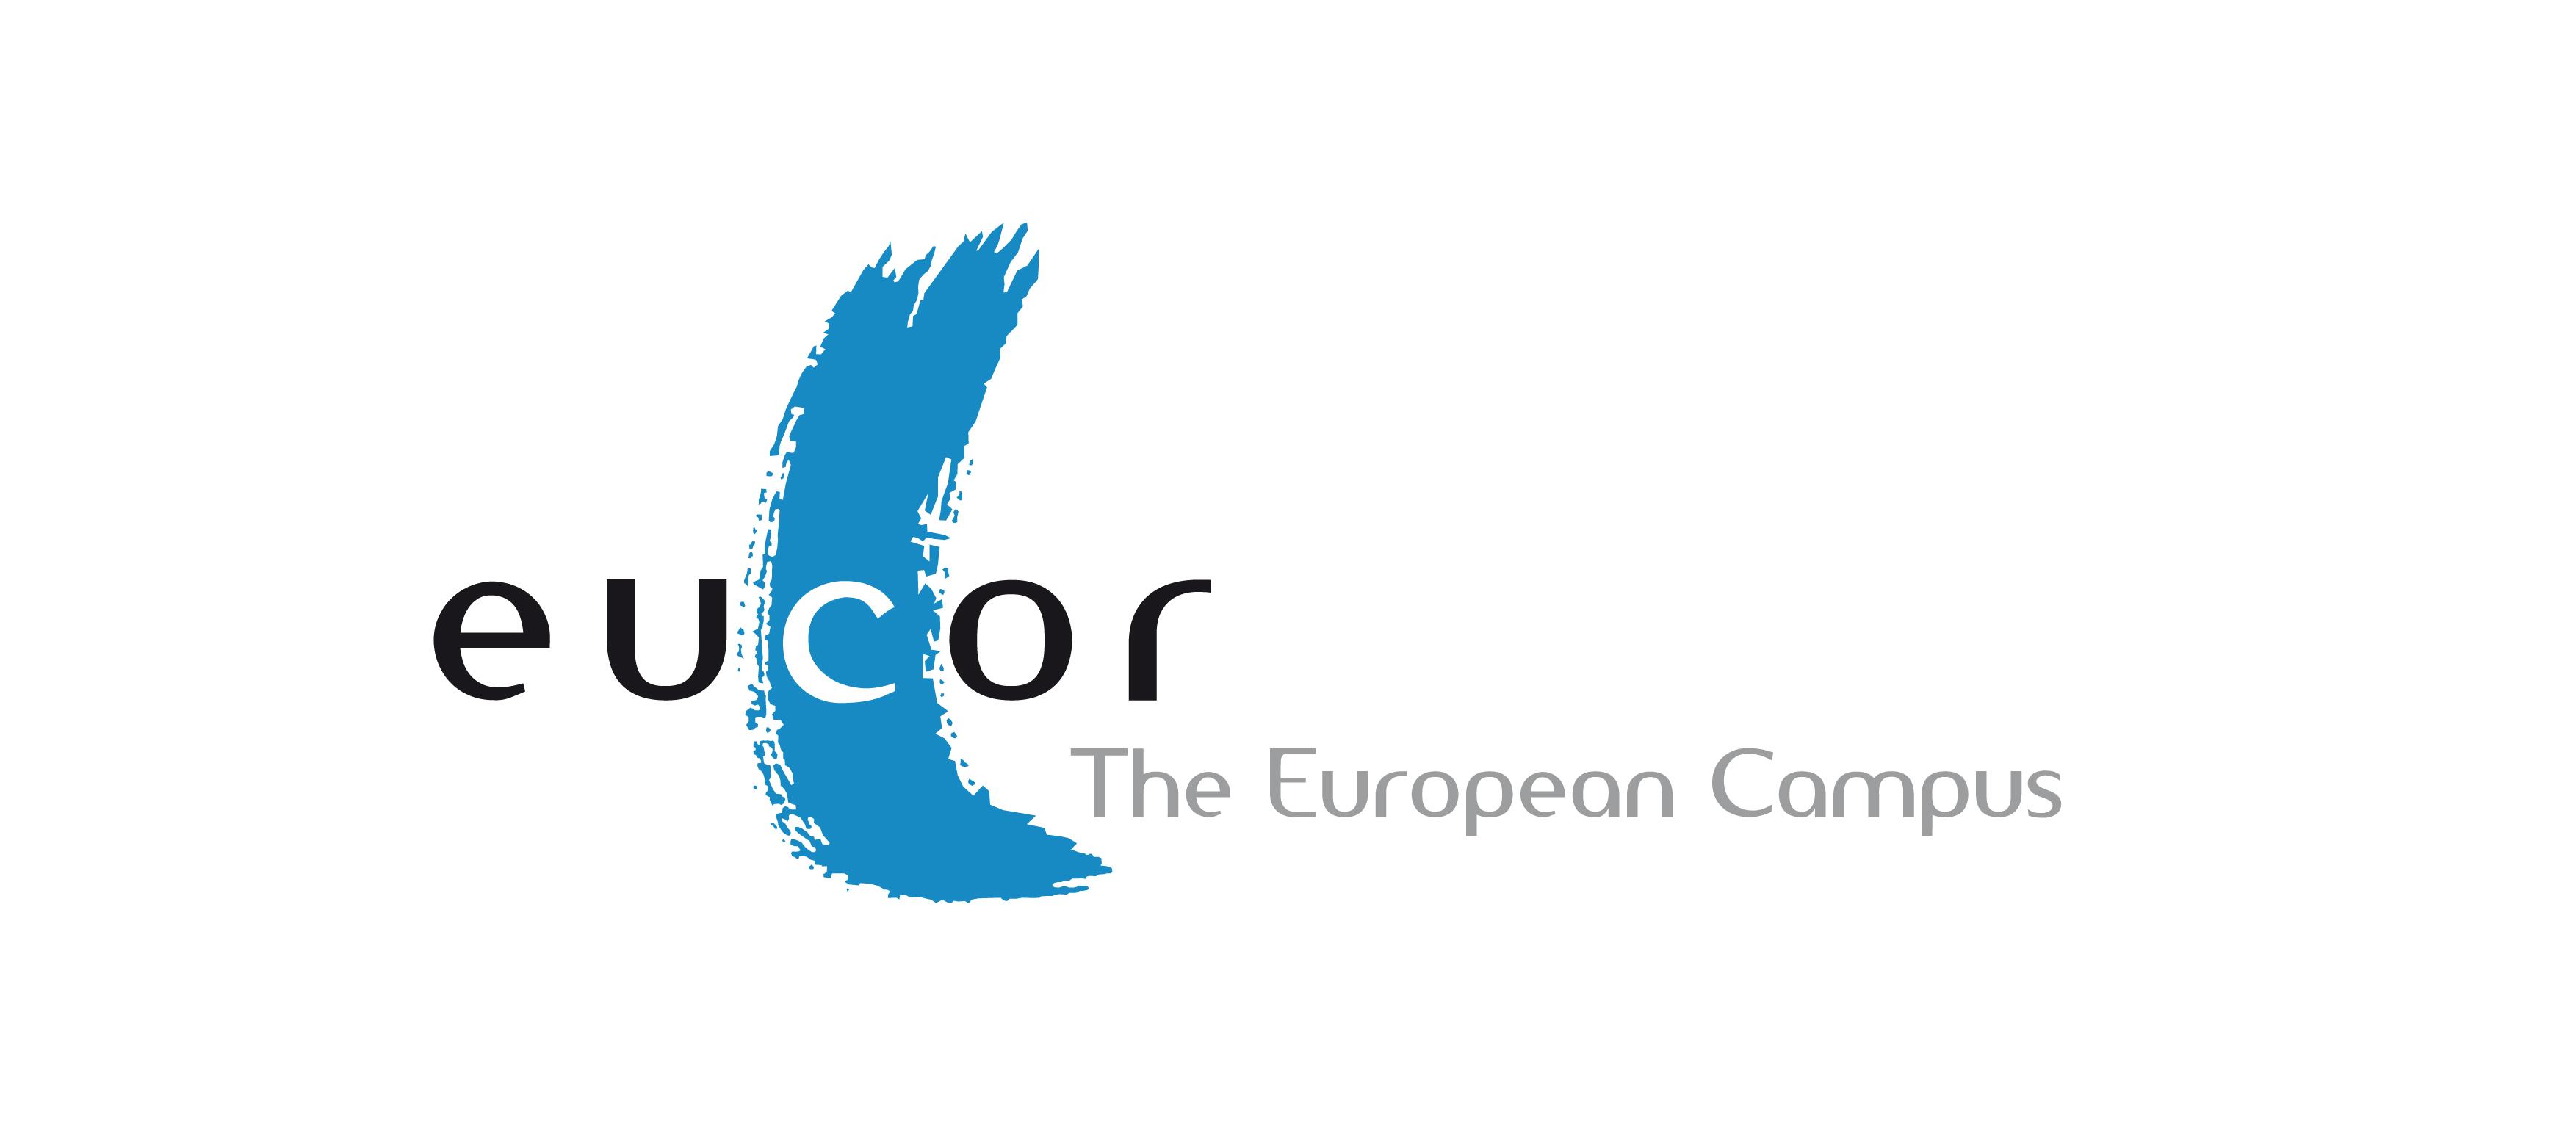 Eucor_Label